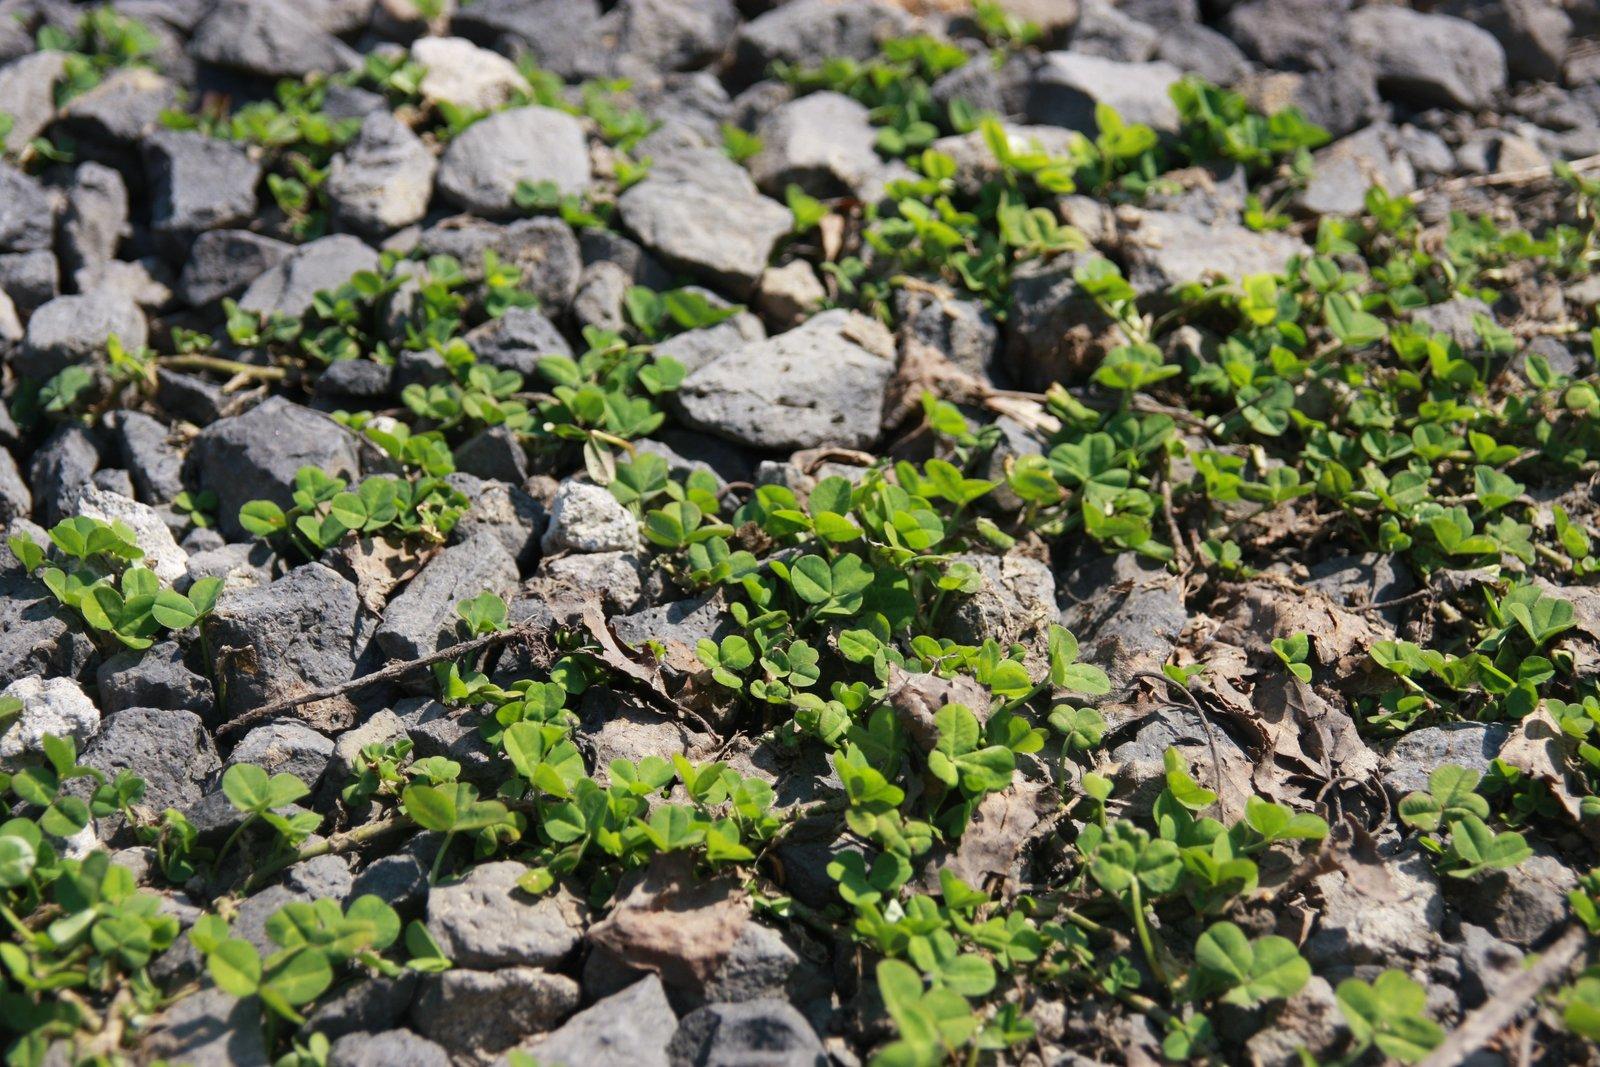 春にびっしり芽吹くクローバーの若葉